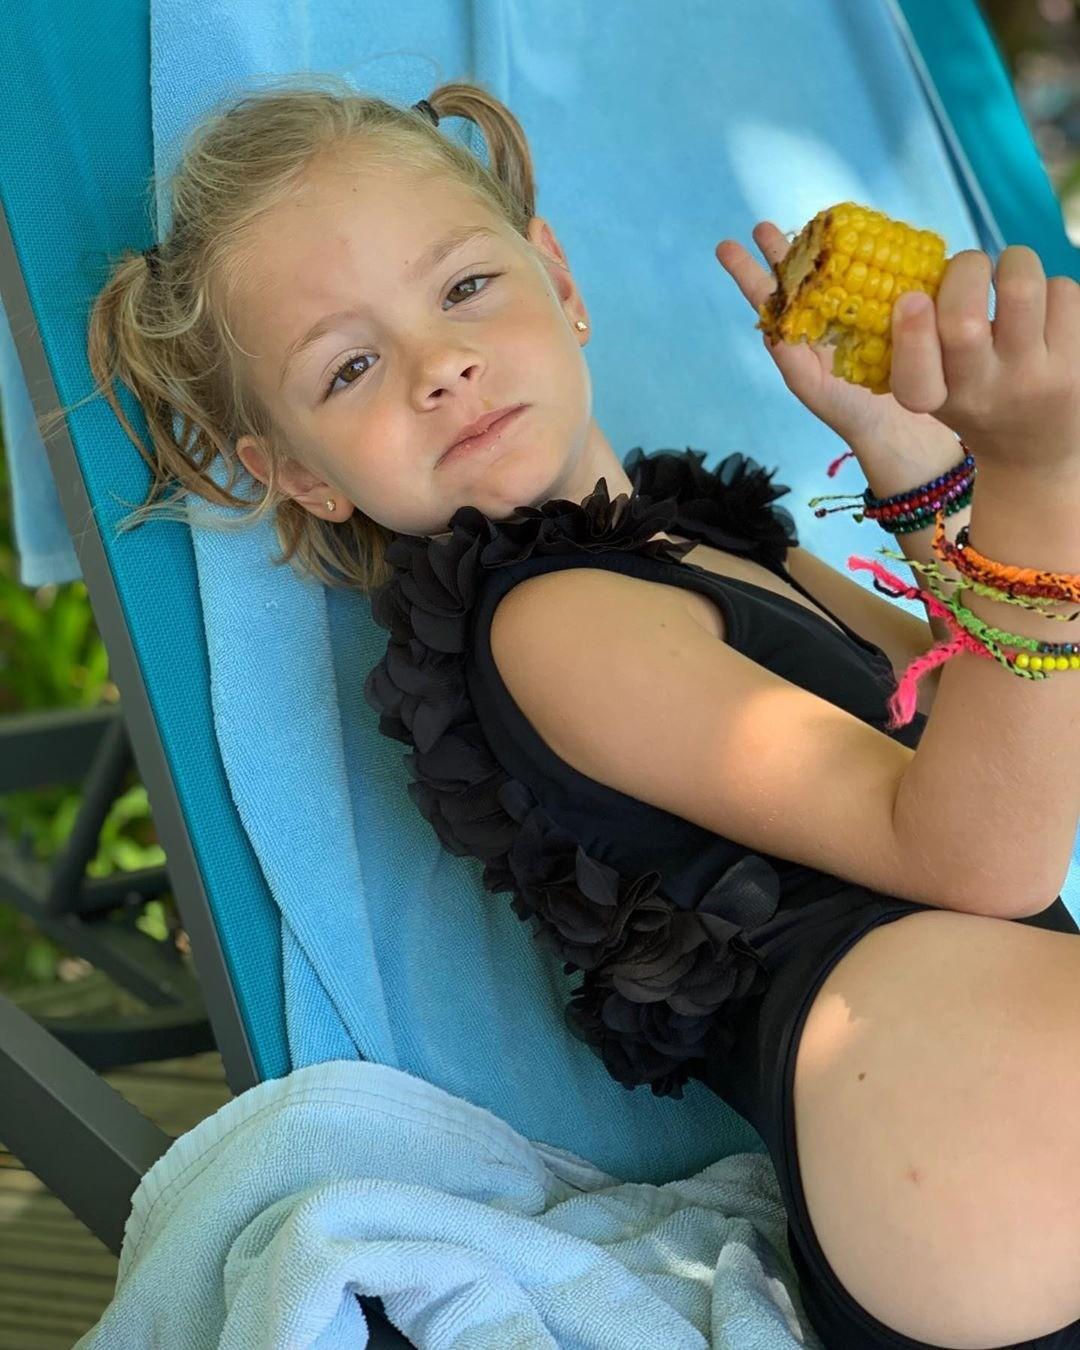 Дочь Тимати повеселила пользователей Сети сценкой в мамином бюстгальтере